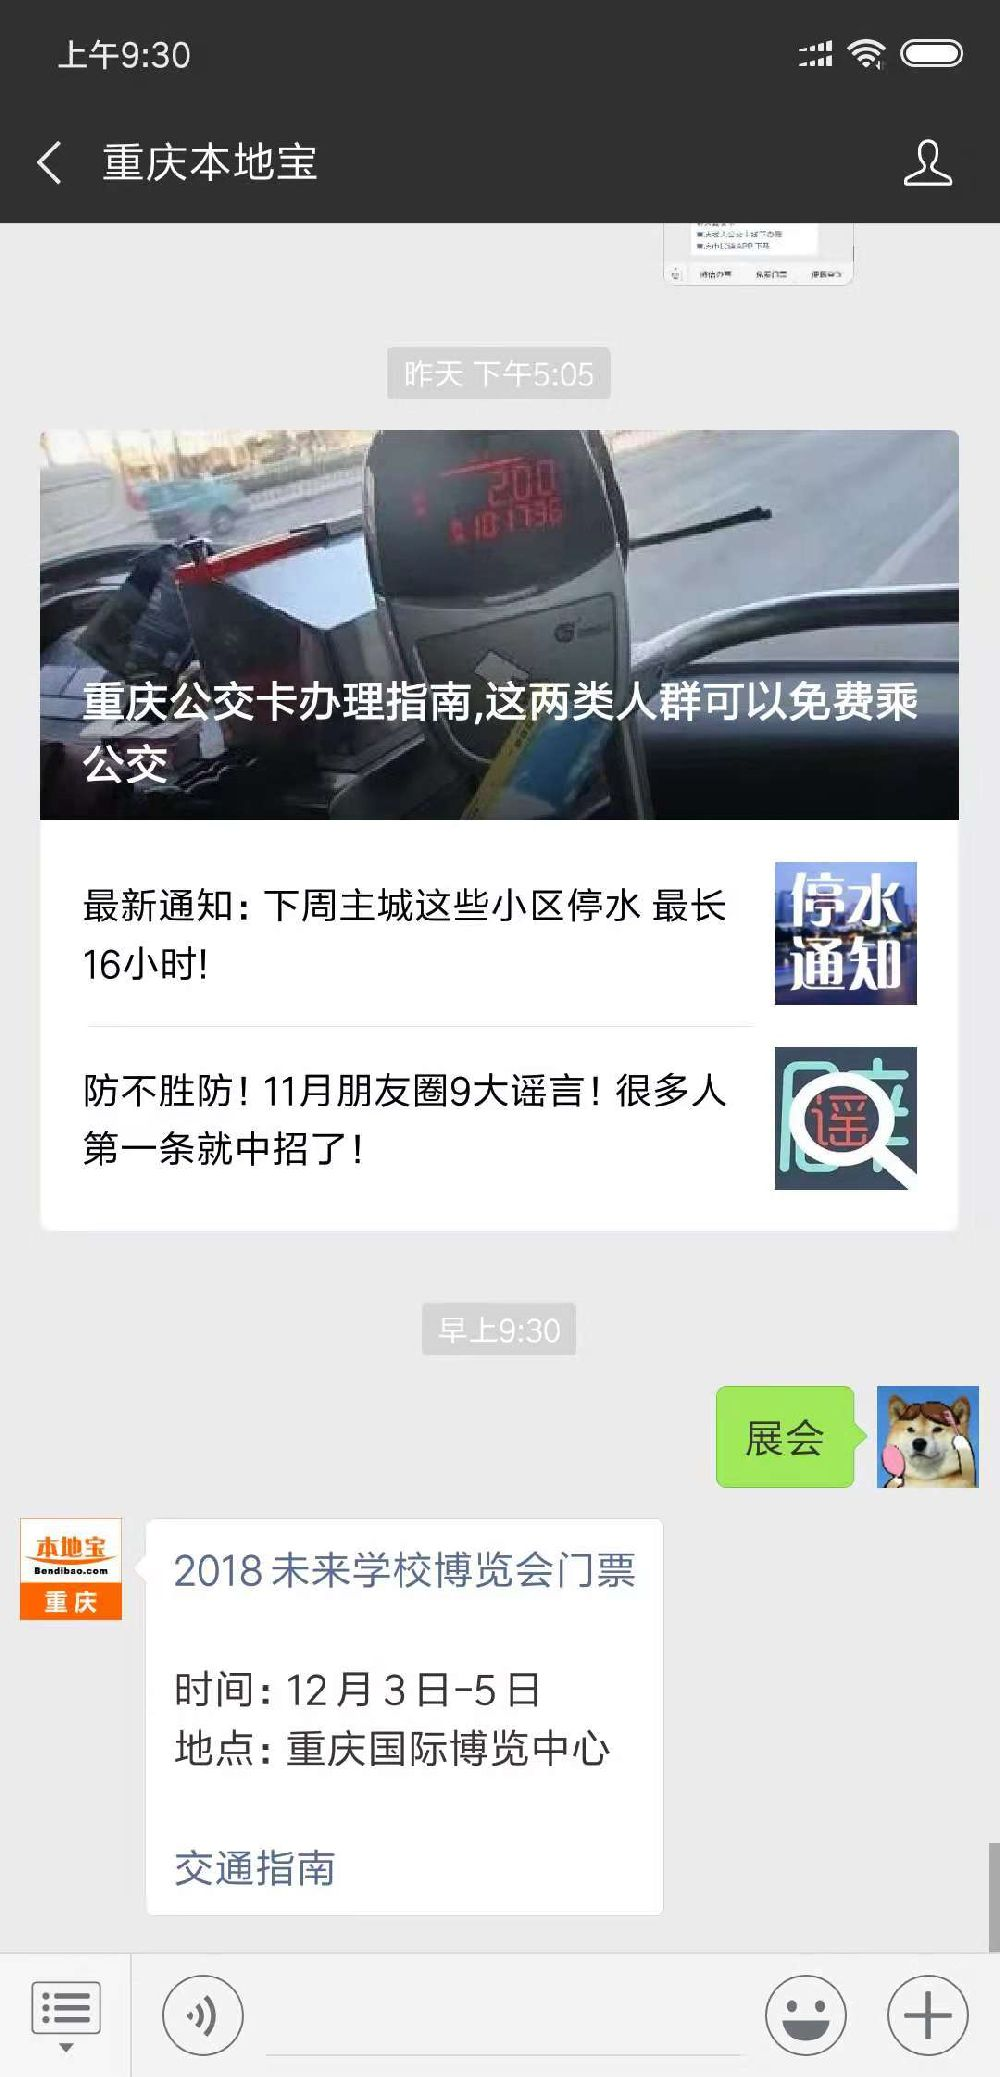 重庆2018未来学校博览会门票是多少